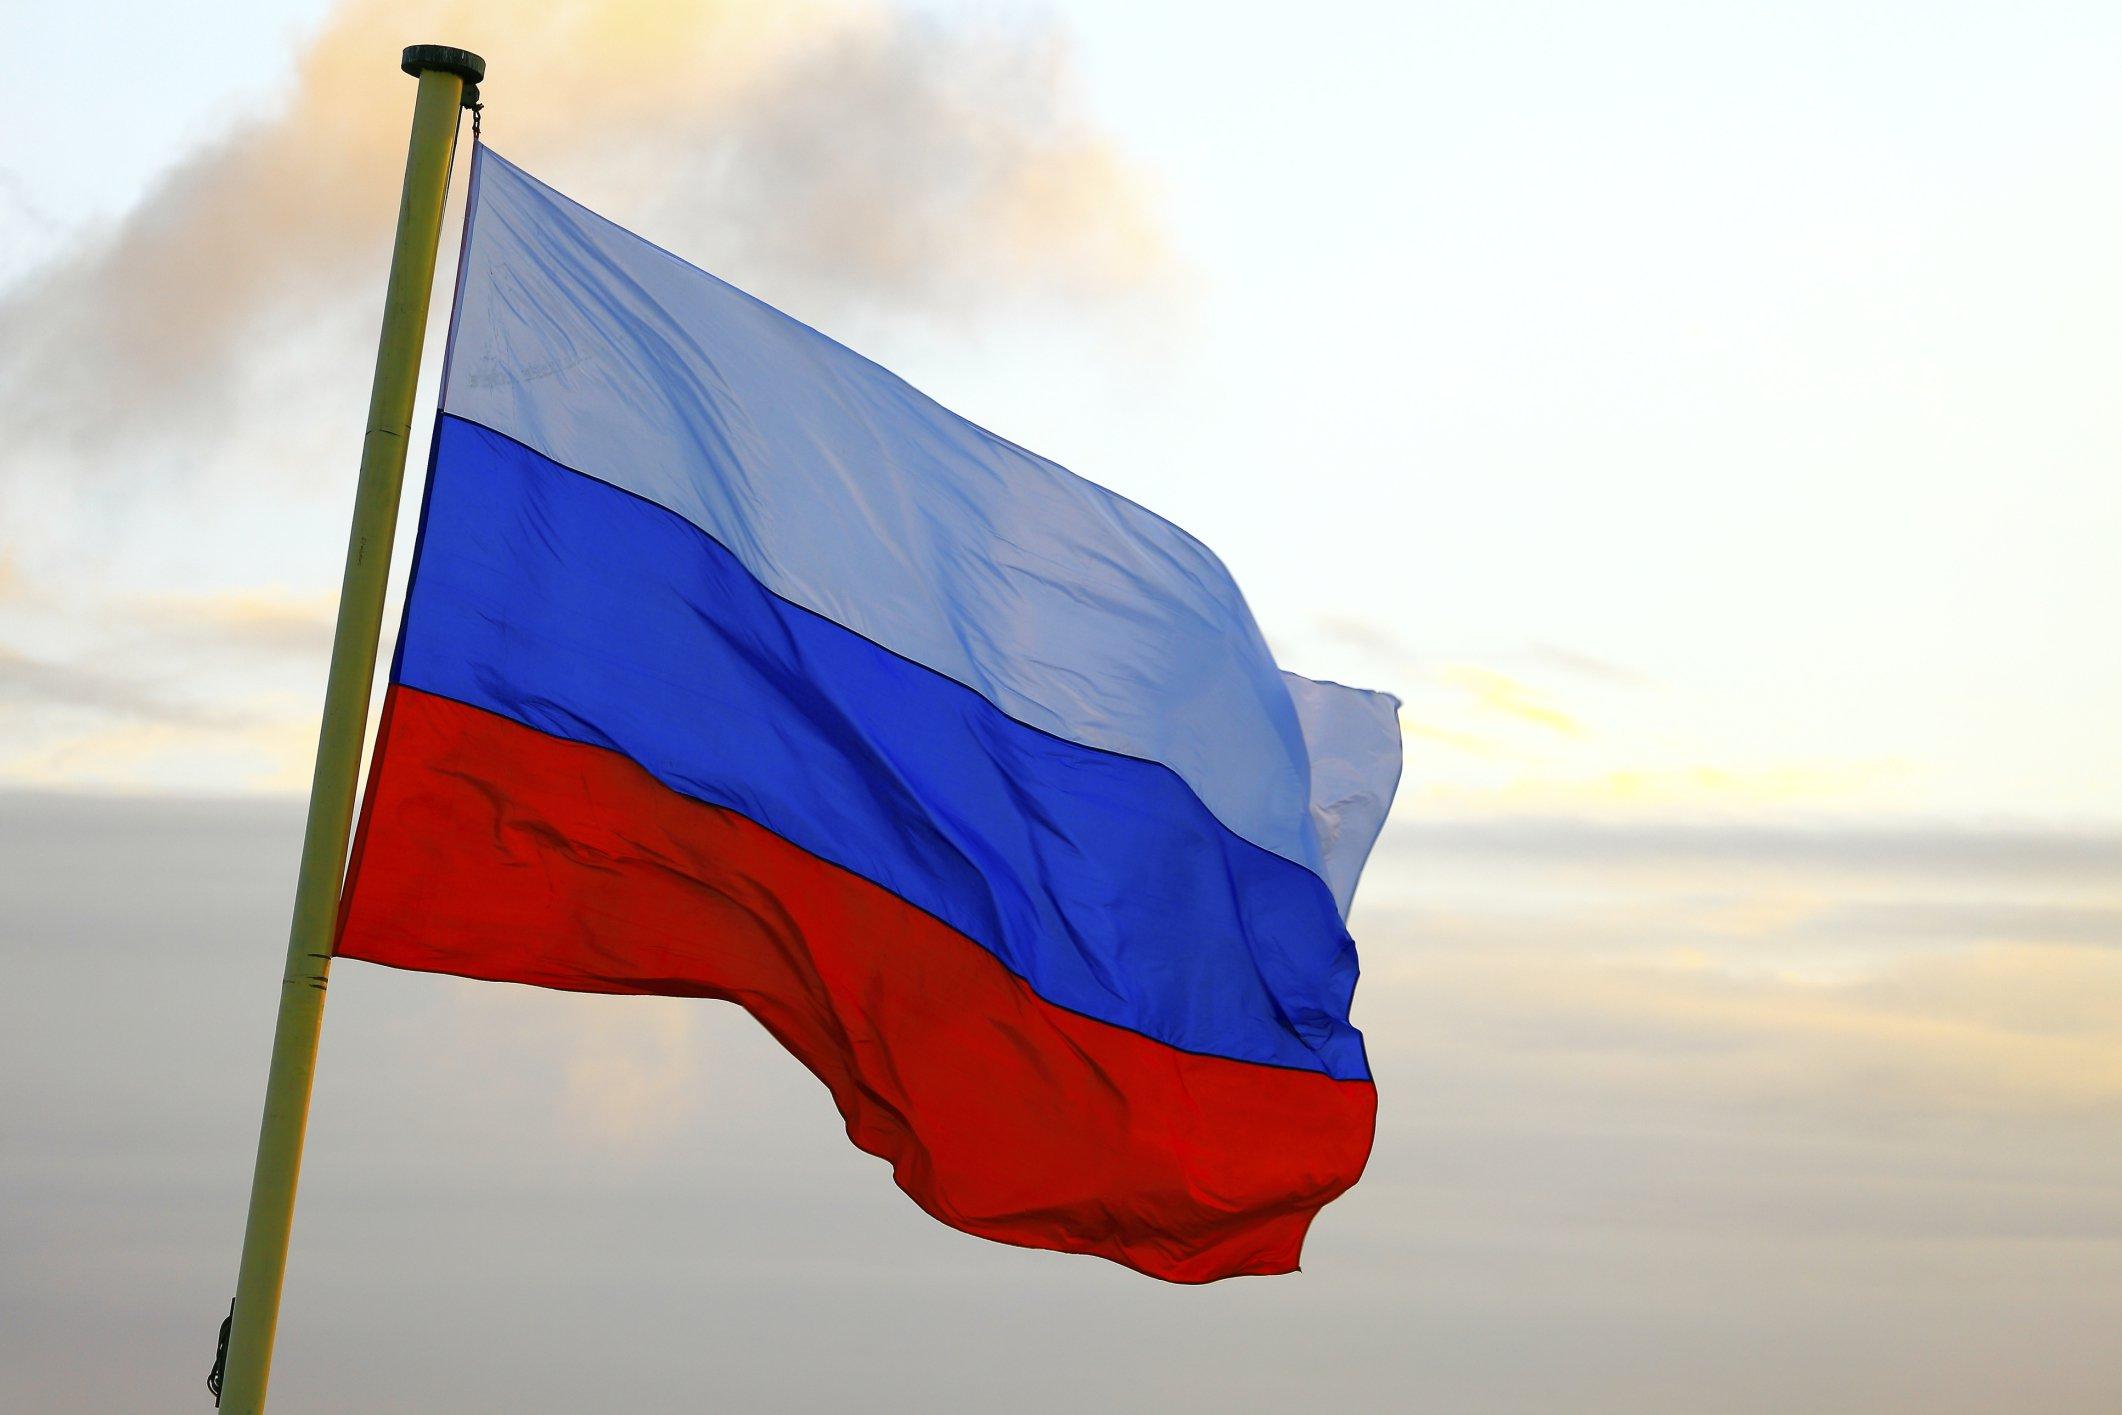 روسيا تزيد إنتاجها من النفط والغاز الطبيعيى